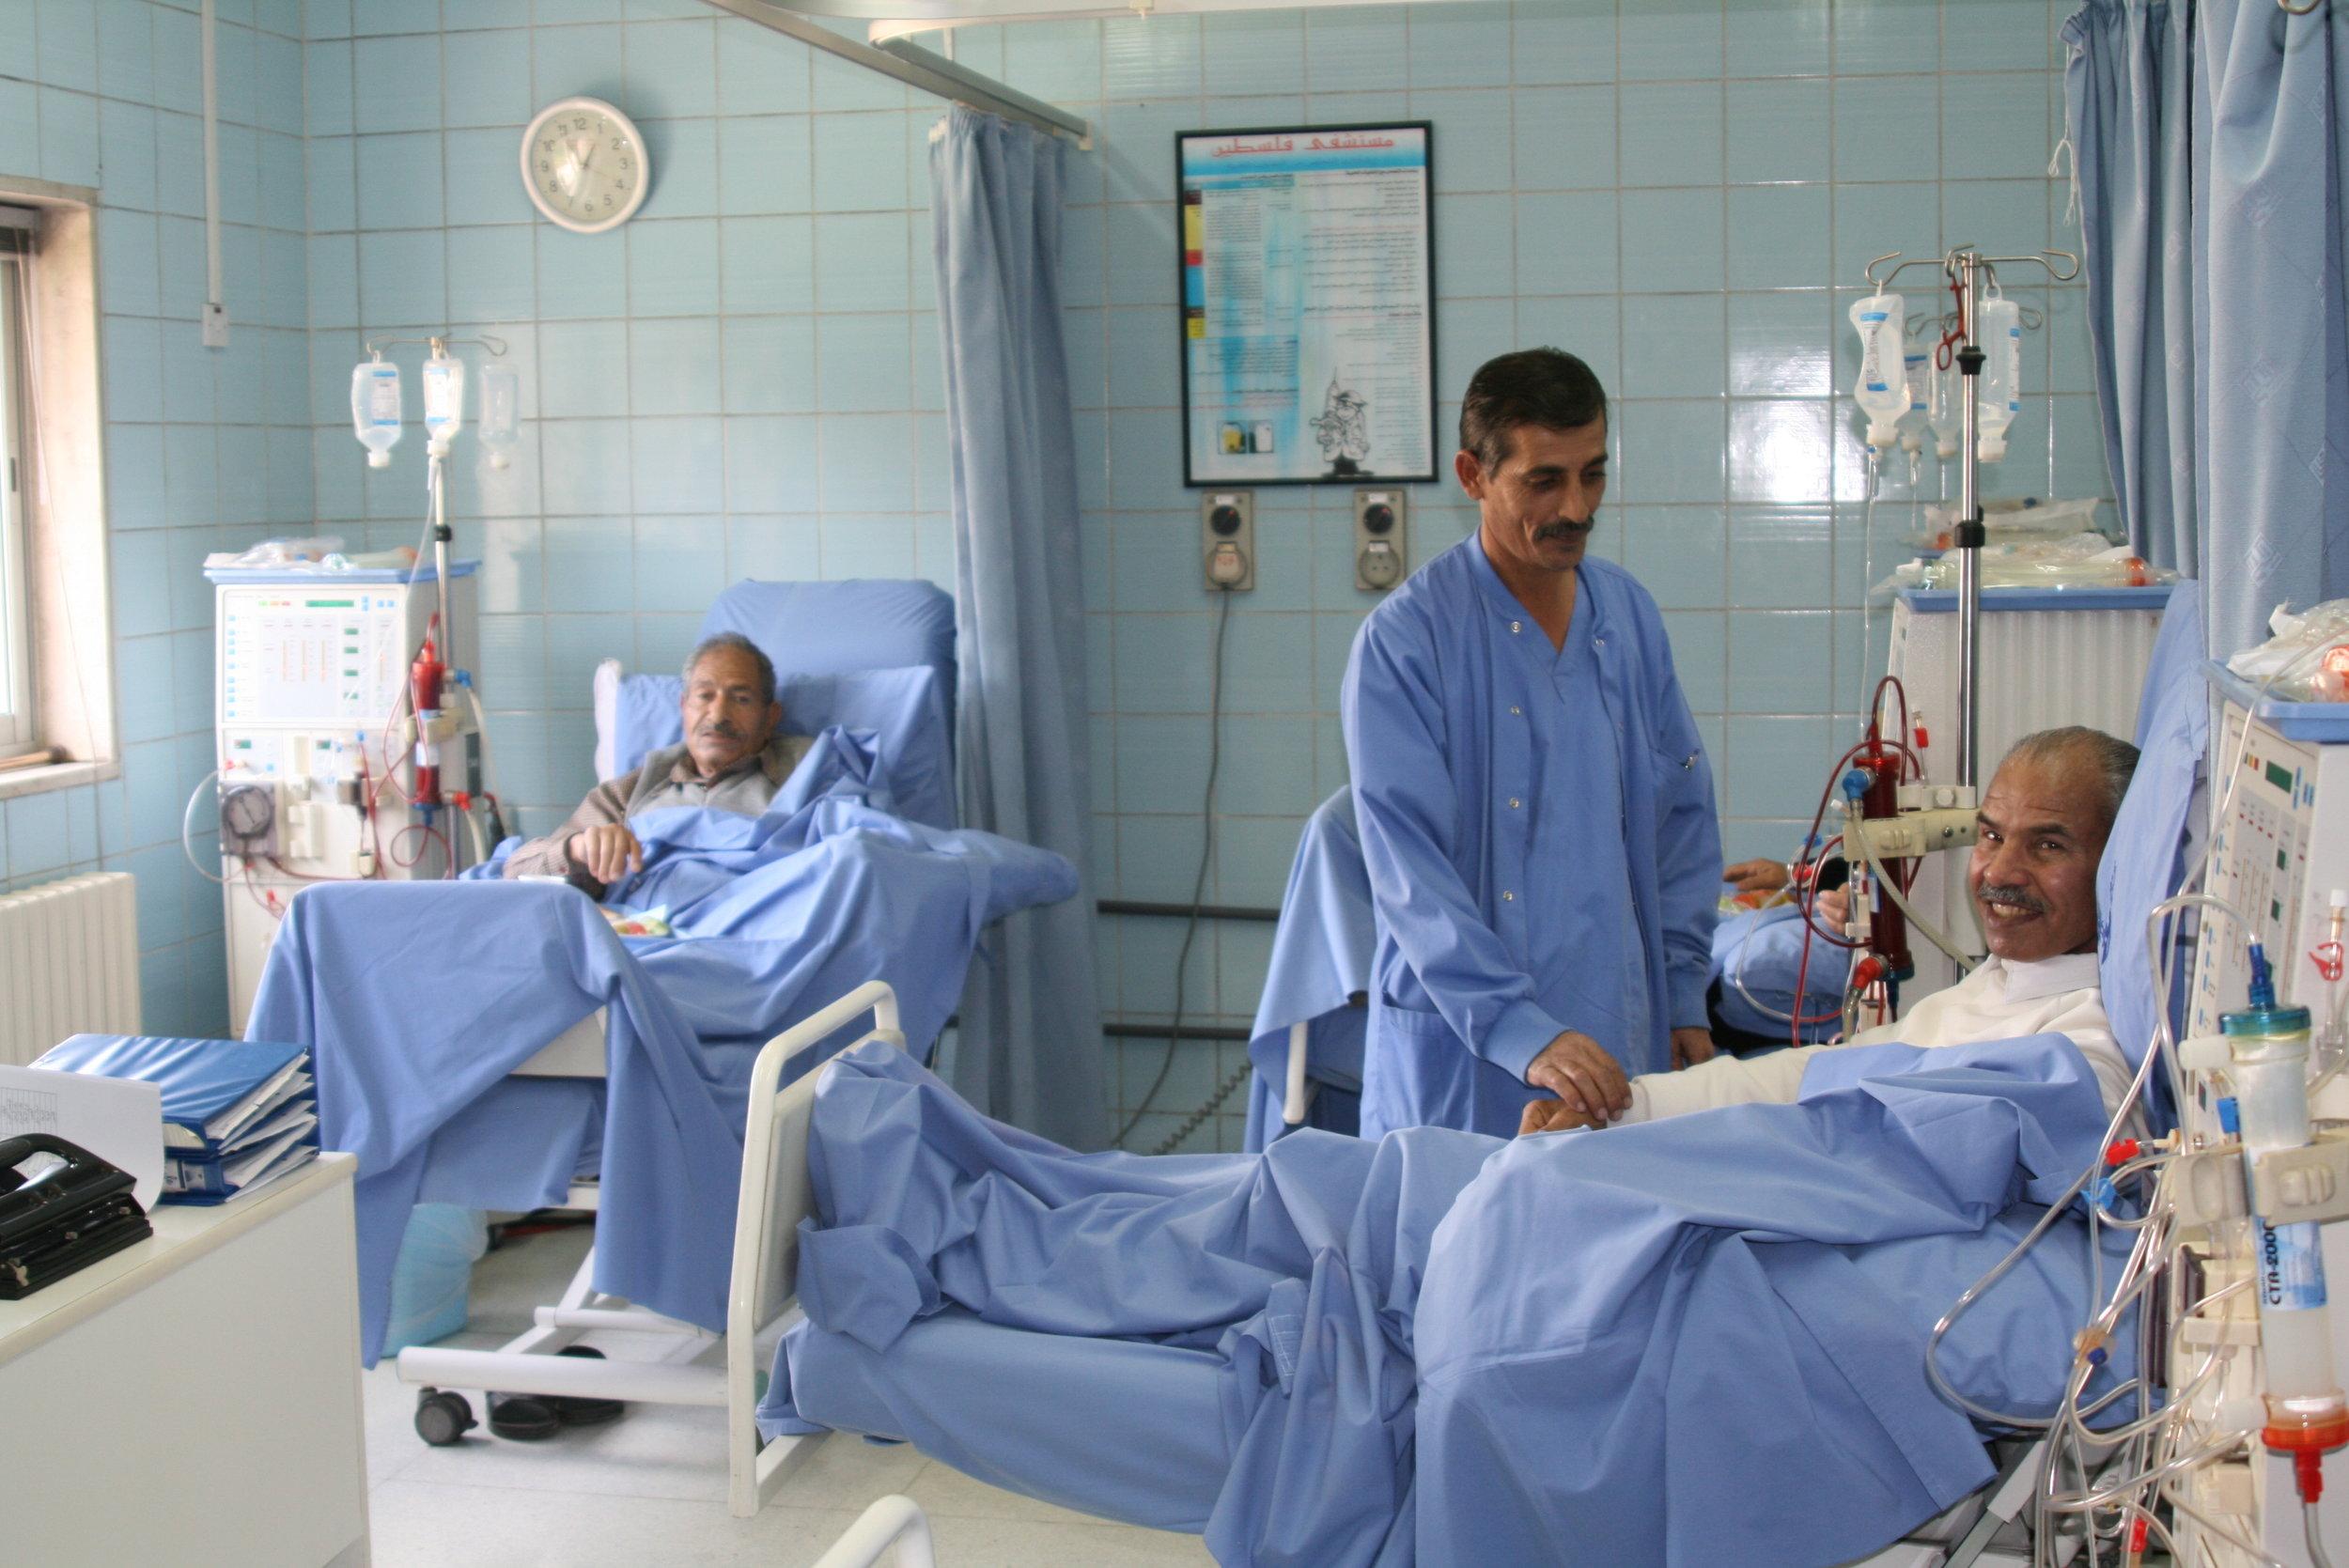 مرضى يبتسموا مع ممرض في قسم غسيل الكلى في مستشفى فلسطين في عمان الأردن